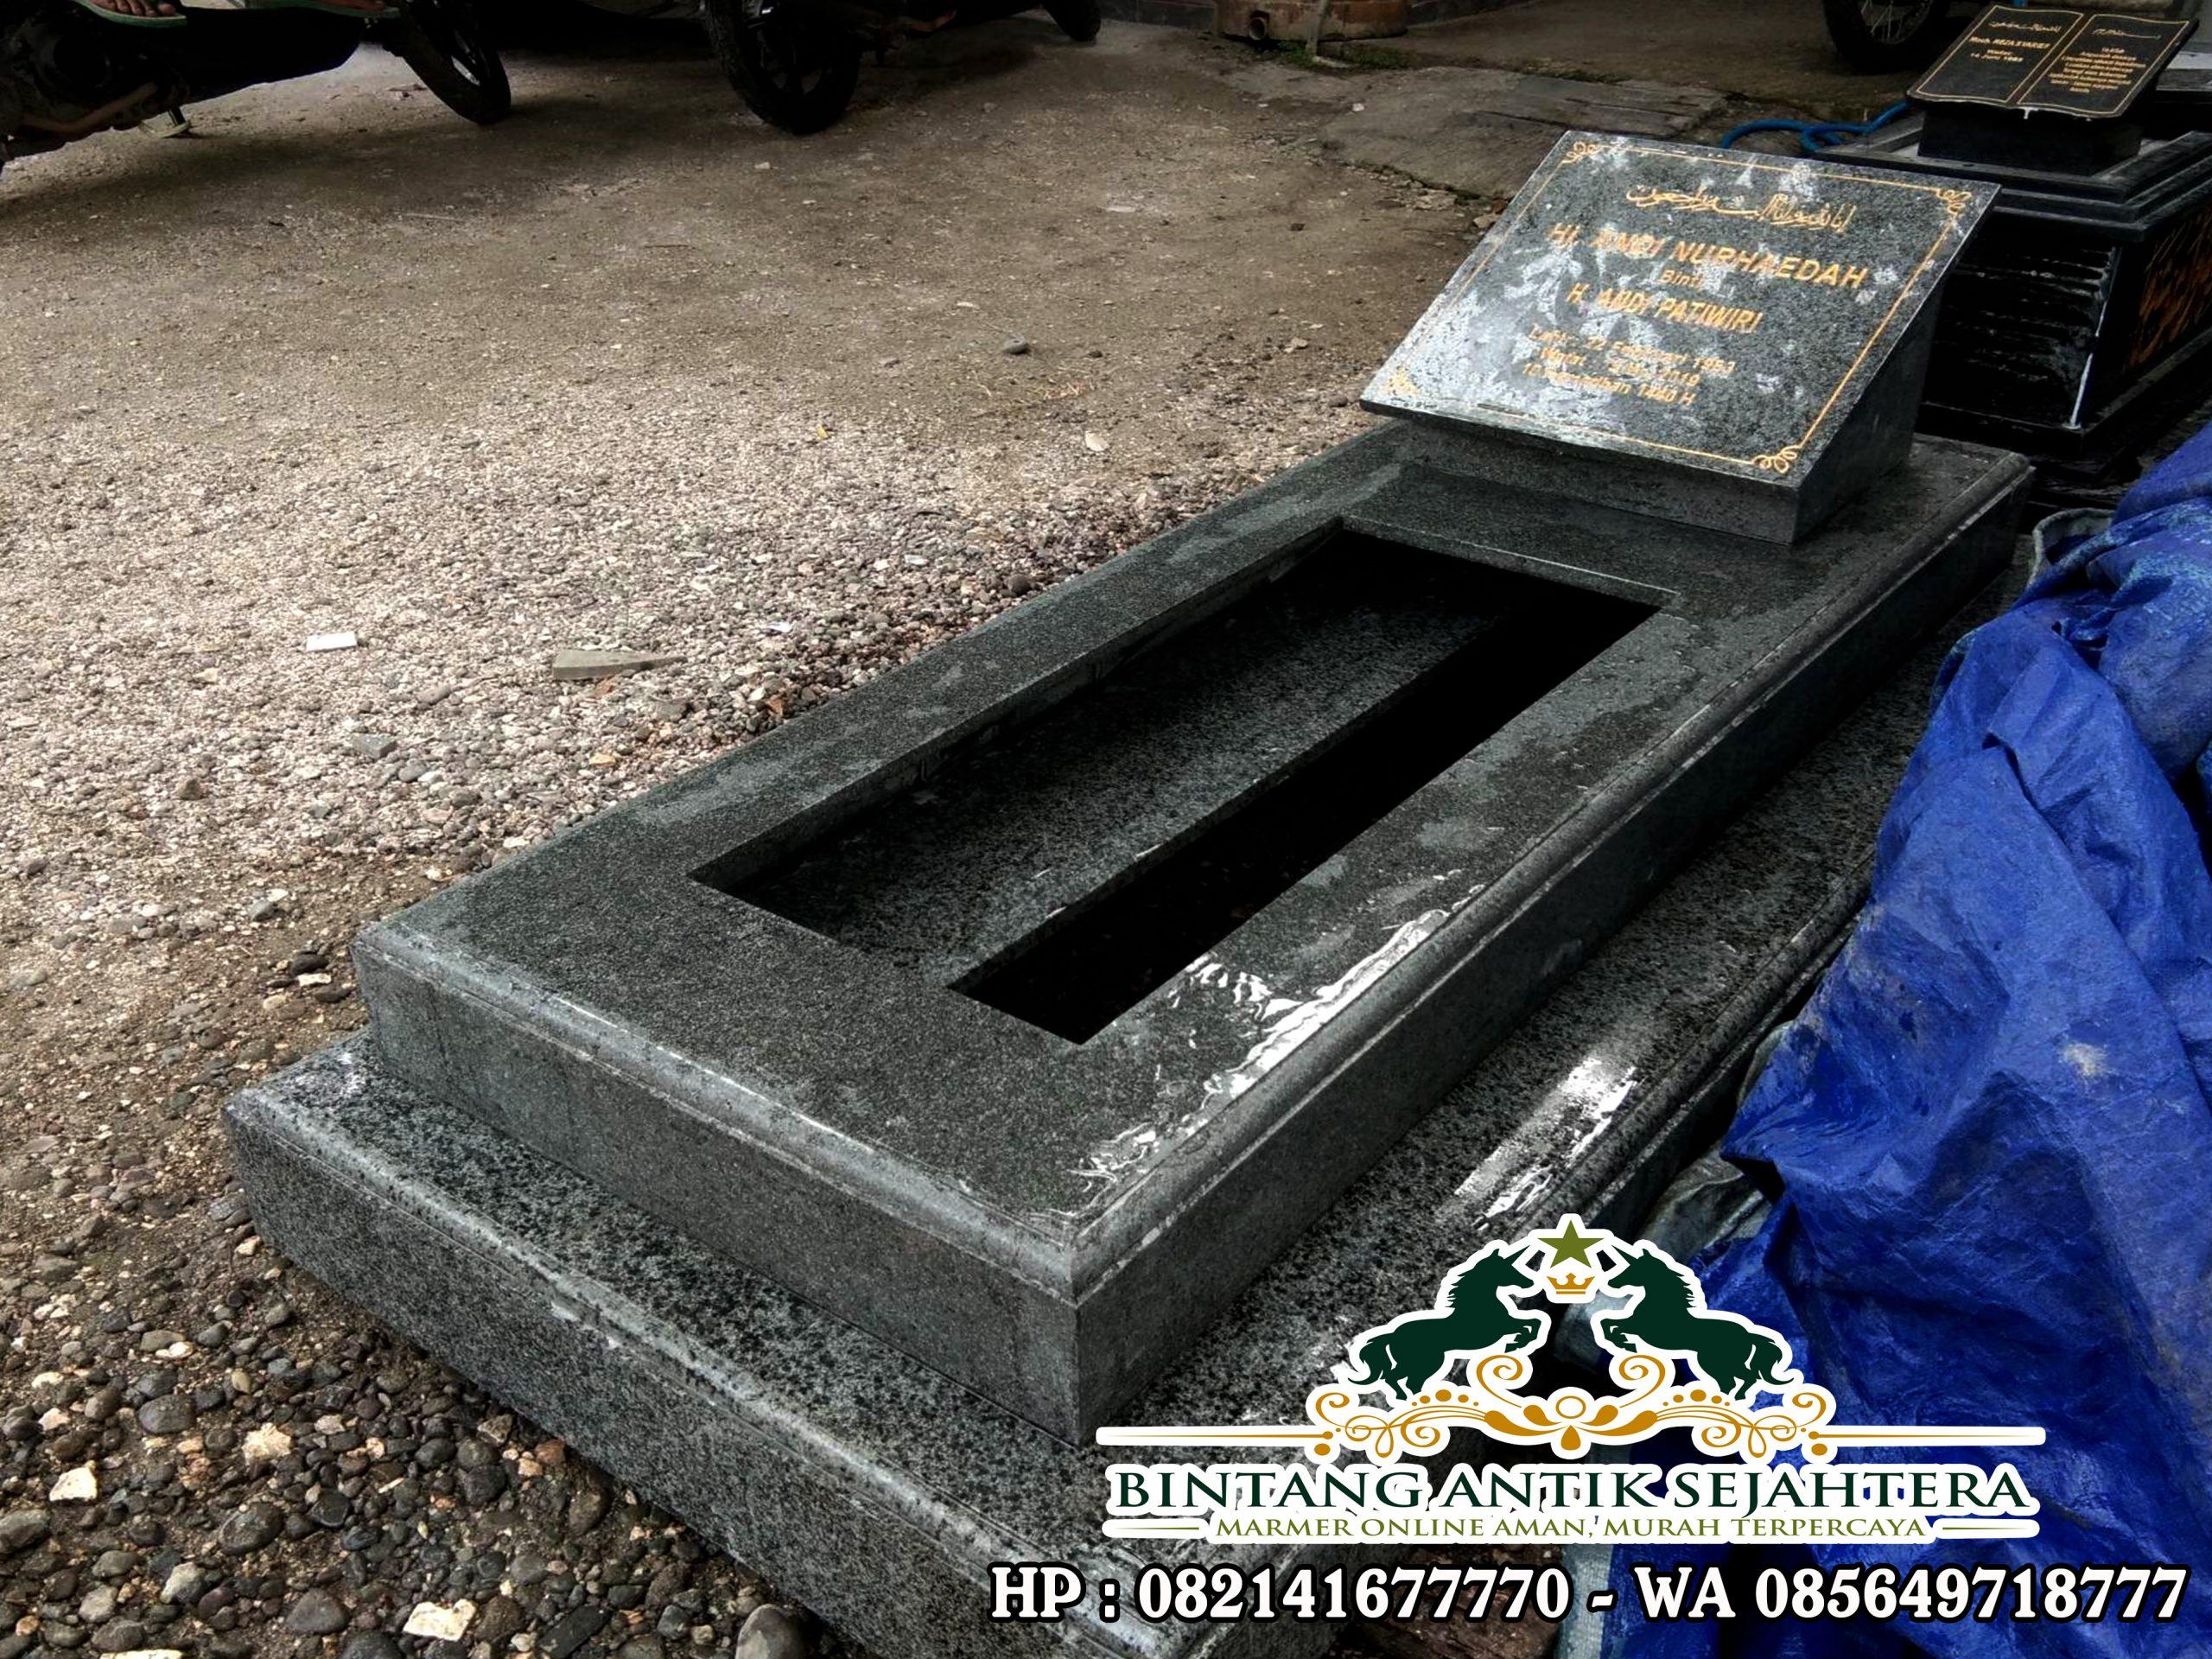 Jual Makam Granit Pahlawan | Harga Kijing Granit Murah